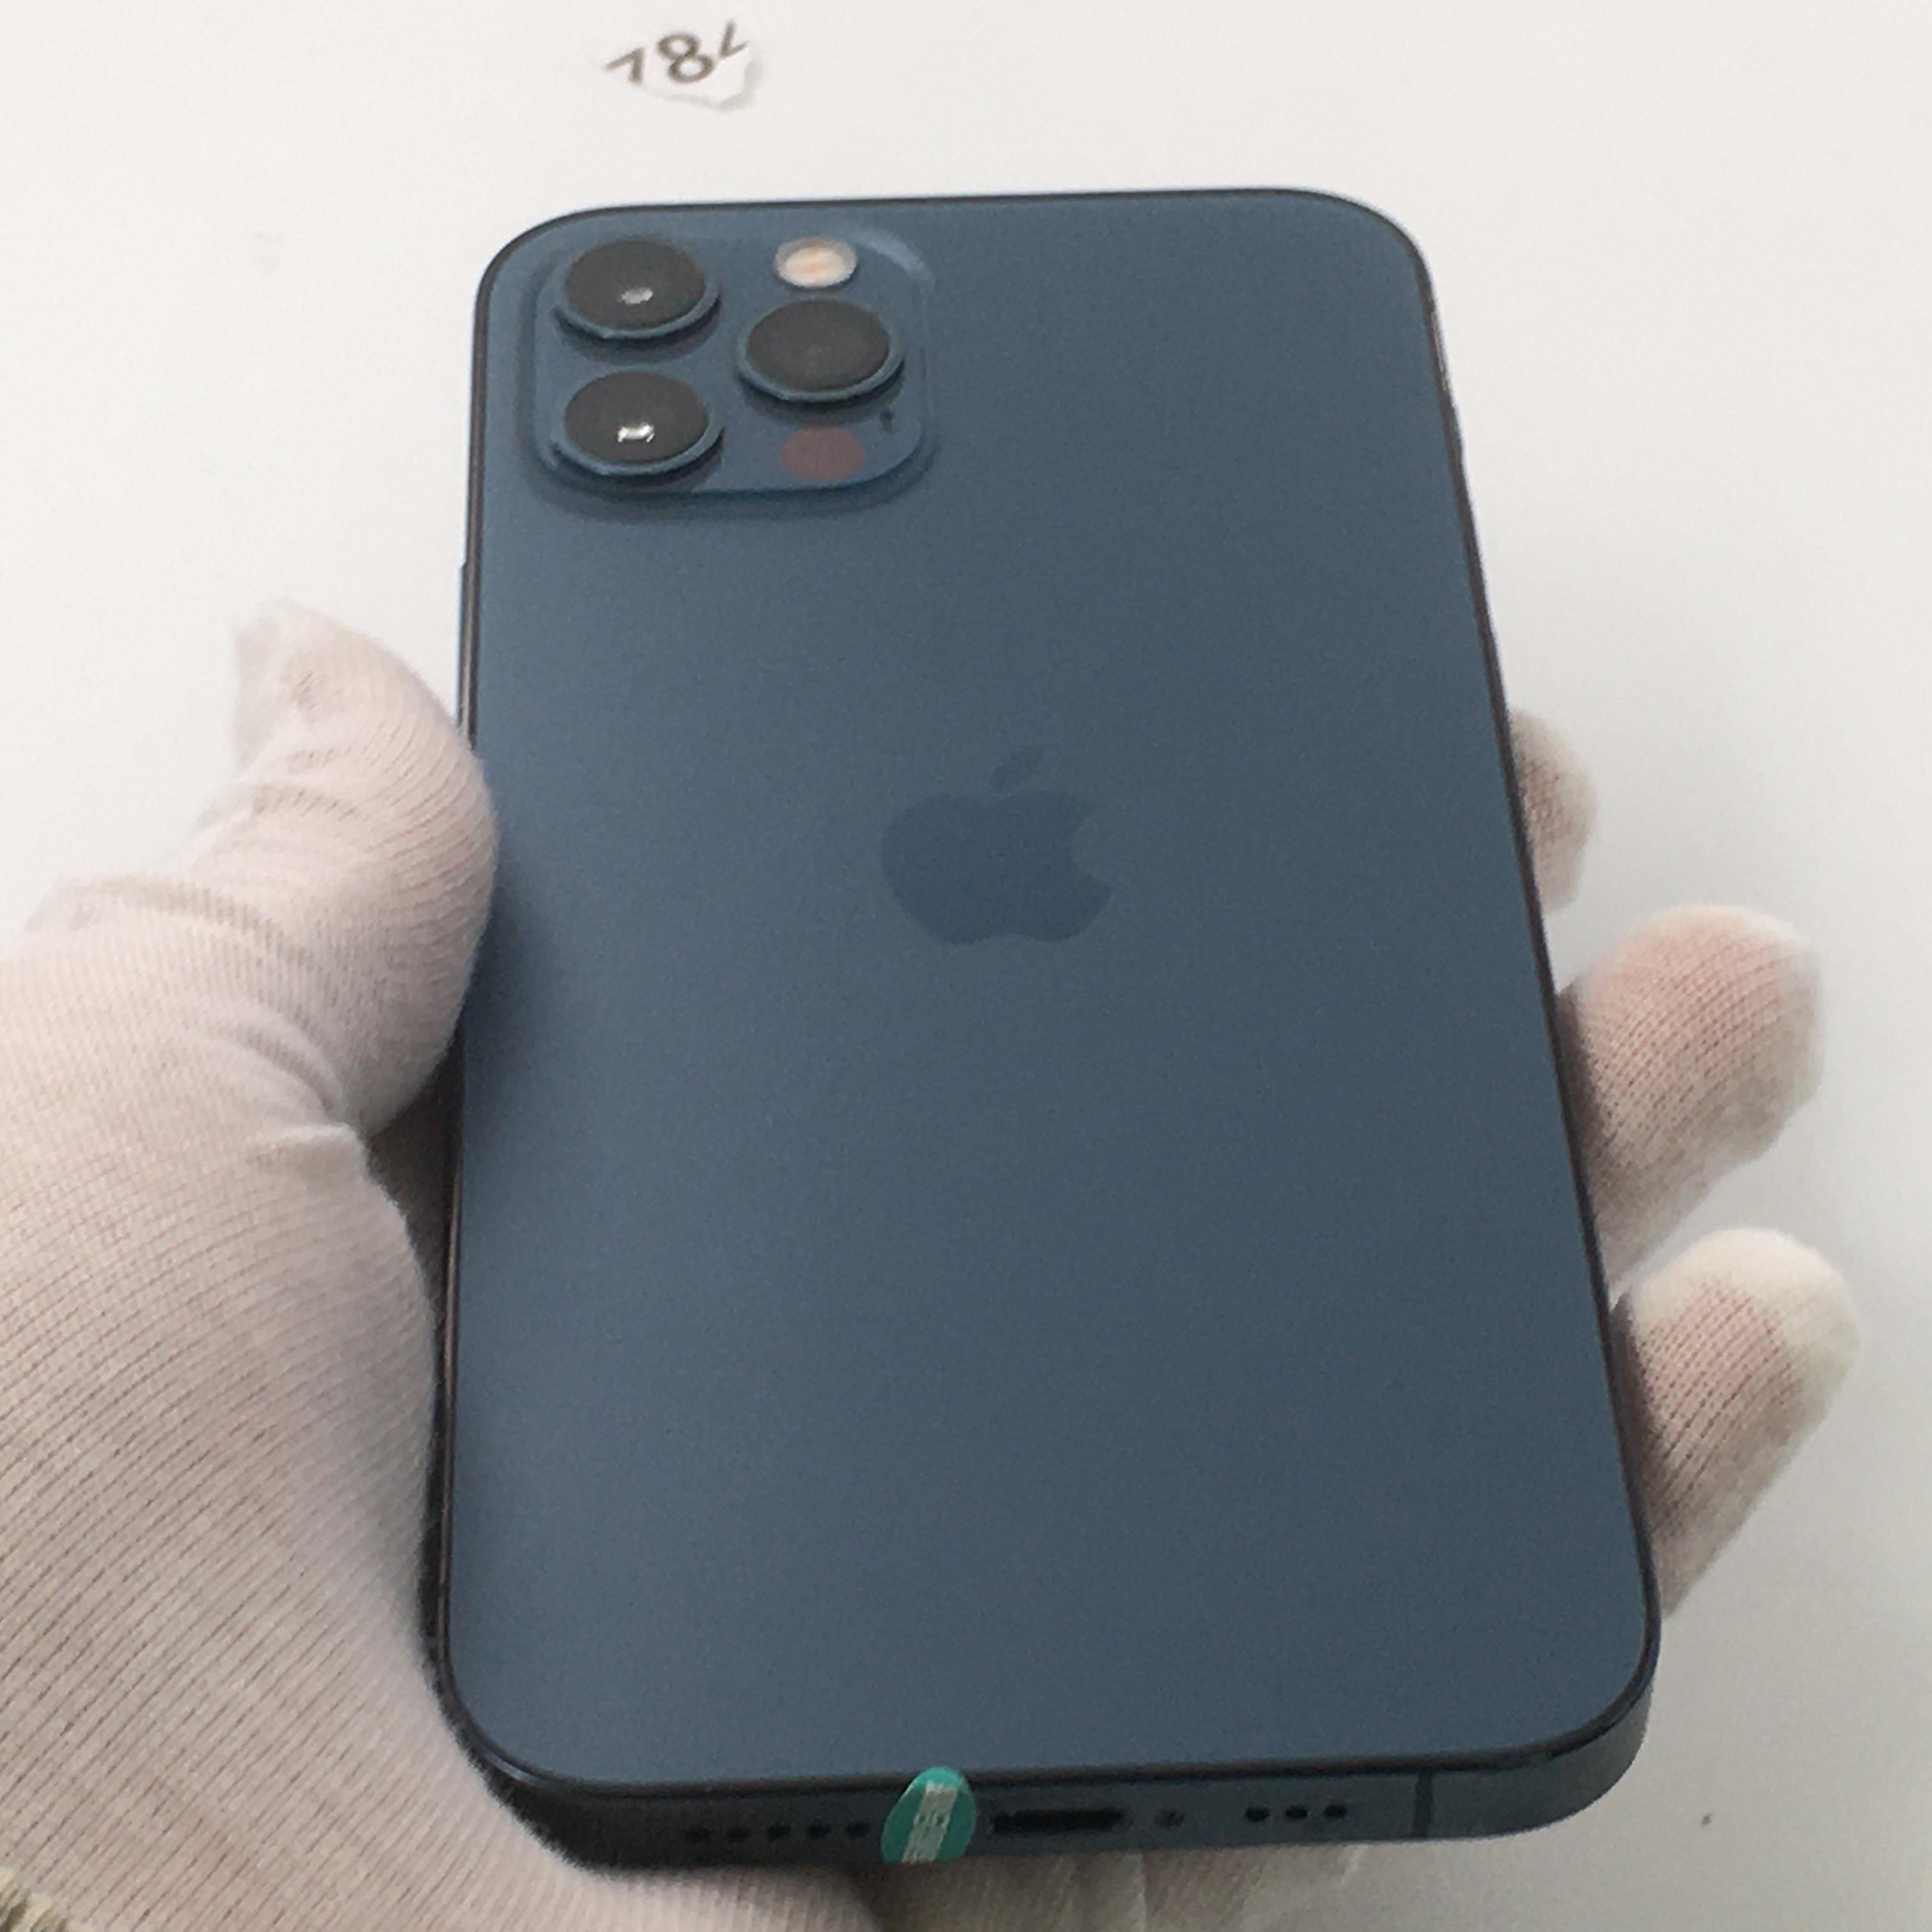 苹果【iPhone 12 Pro】5G全网通 海蓝色 128G 国行 95新